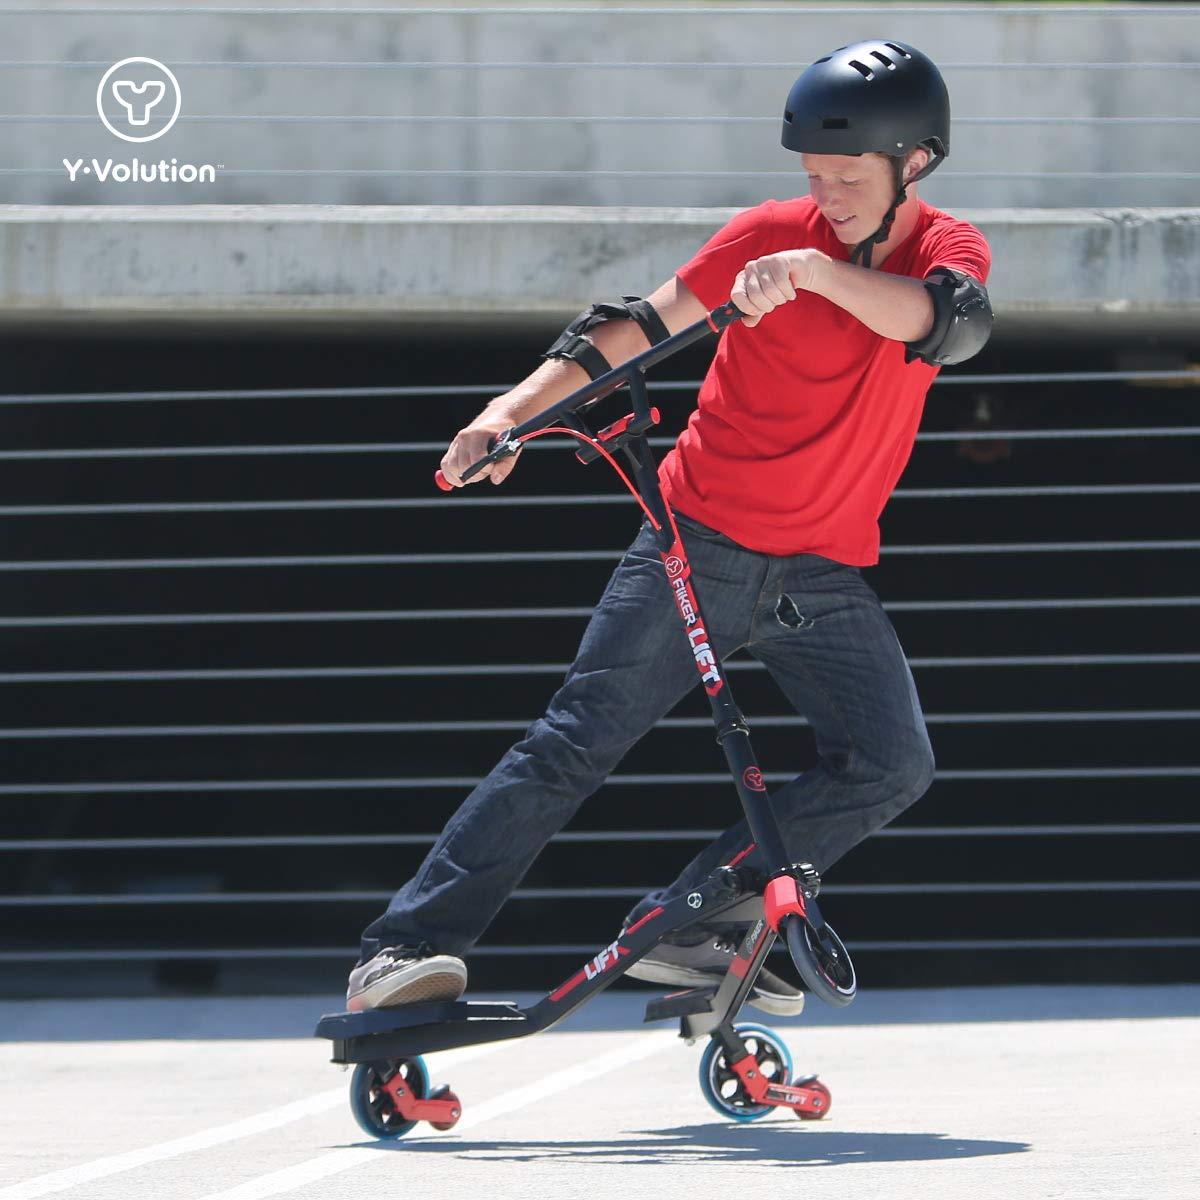 YVolution Fliker L3 Patinete De 3 Ruedas, Unisex niños, Rojo ...